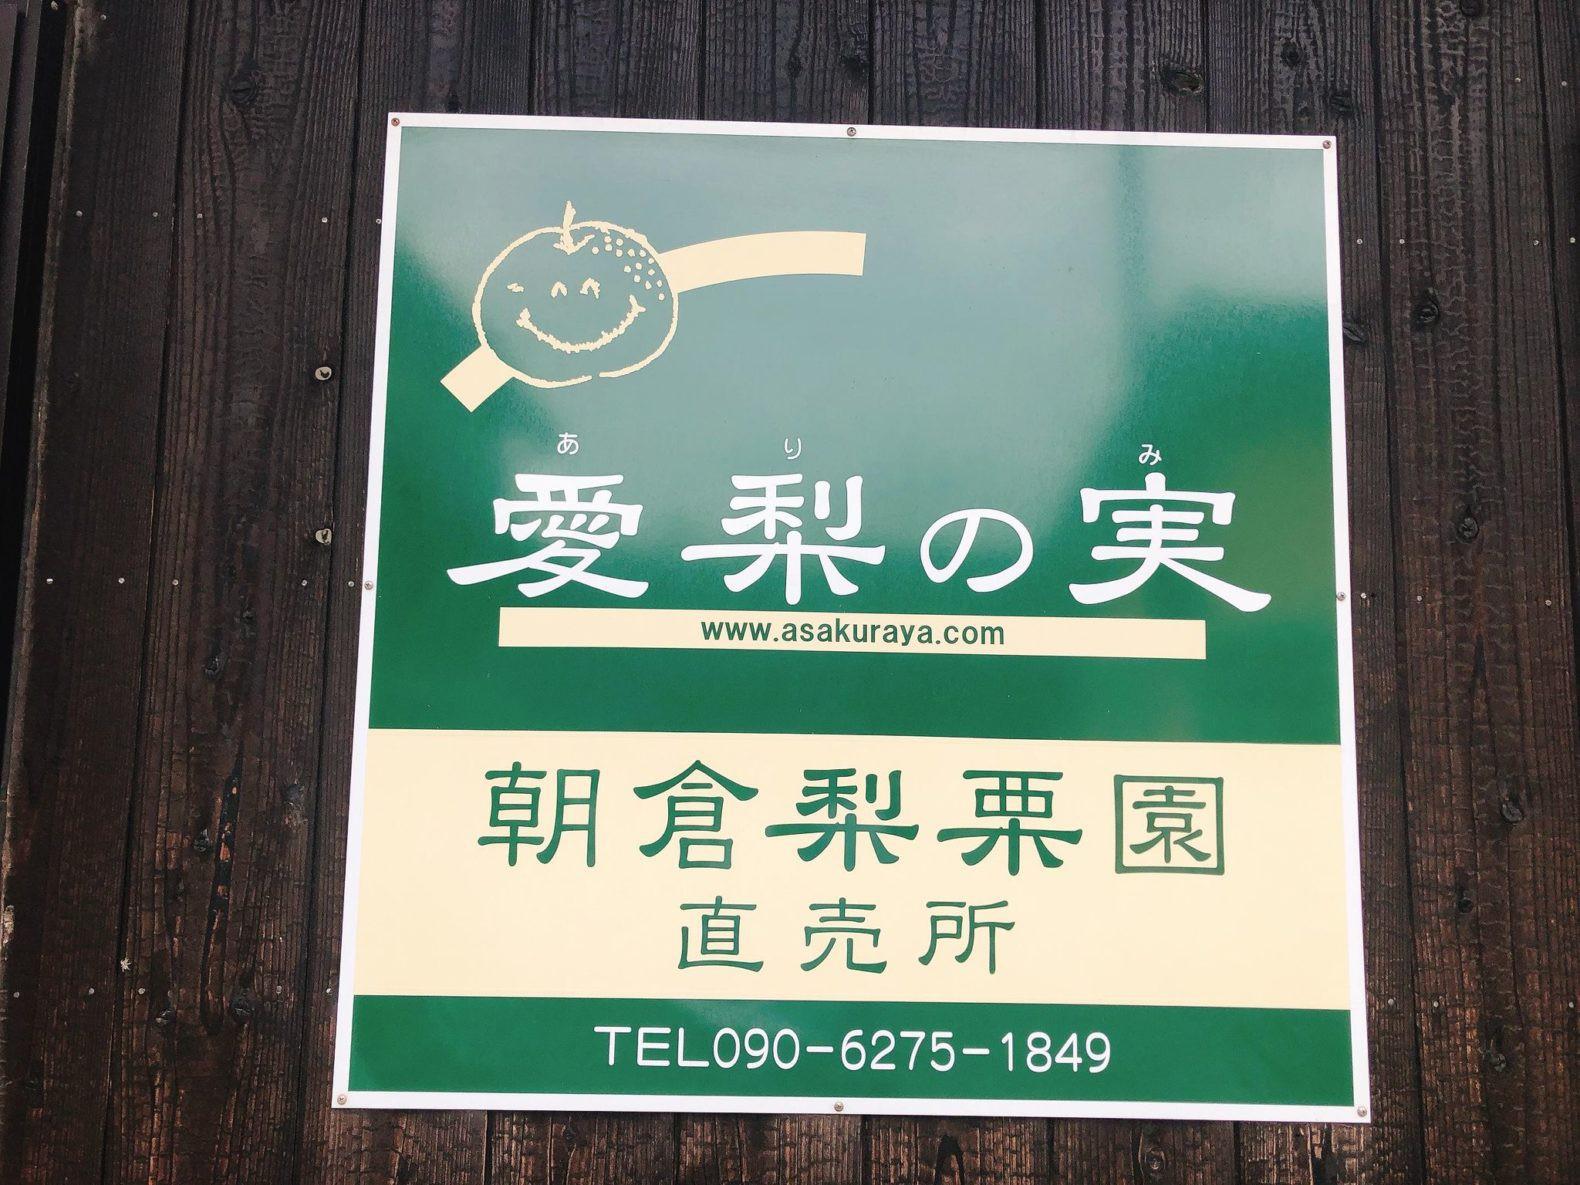 朝倉梨栗園(くり拾い)